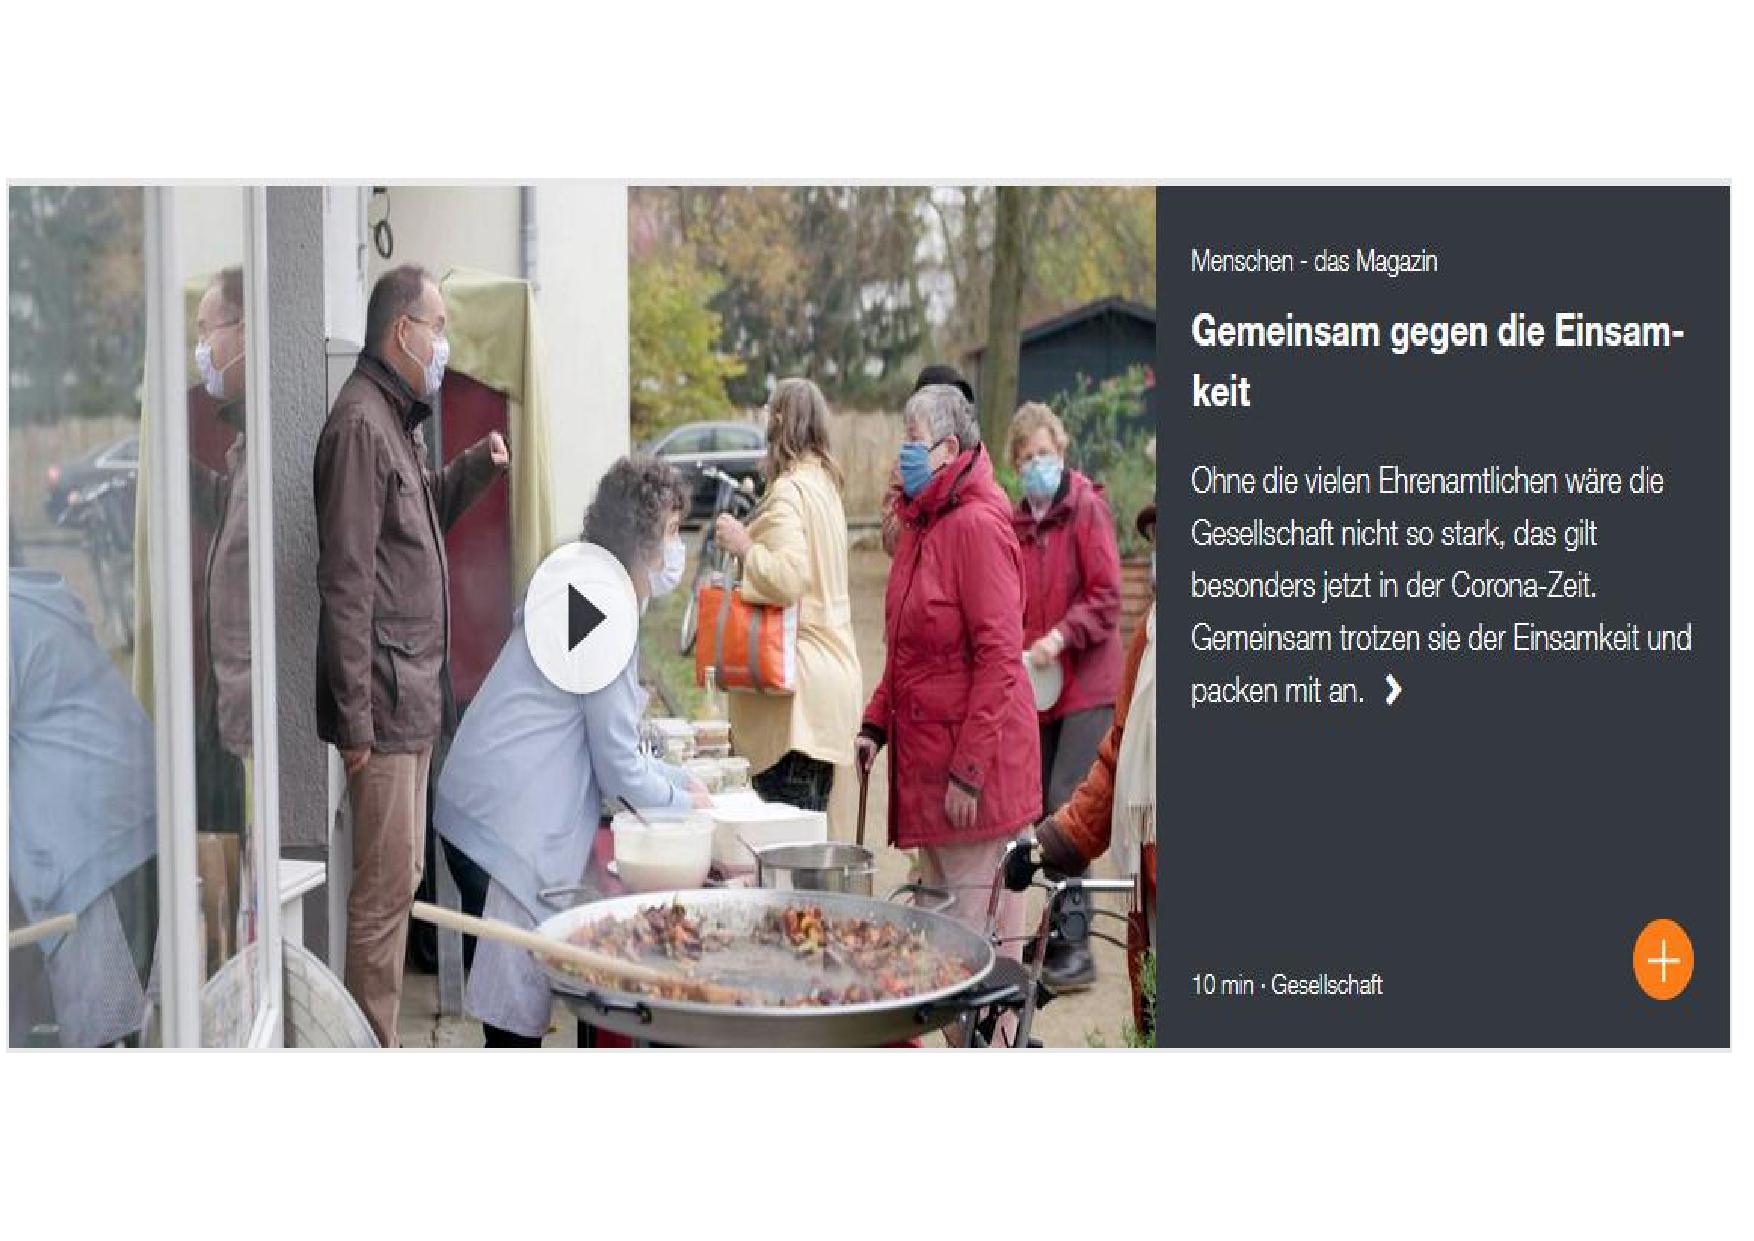 Menschen – das Magazin zeigt im ZDF wunderschönen Beitrag zu unserer Arbeit